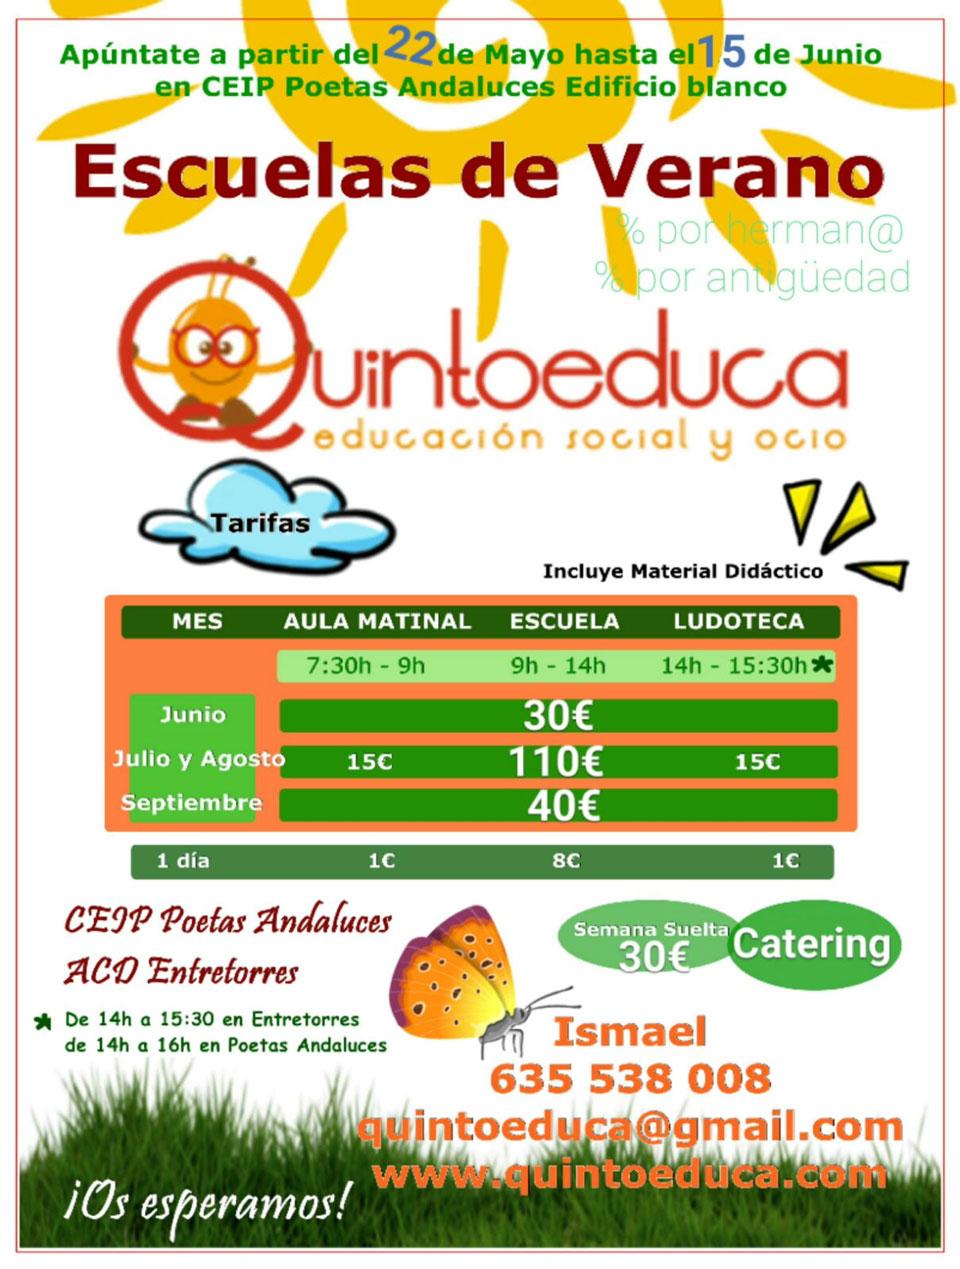 Escuelas de Verano Quintoeduca CEIP Poetas Andaluces